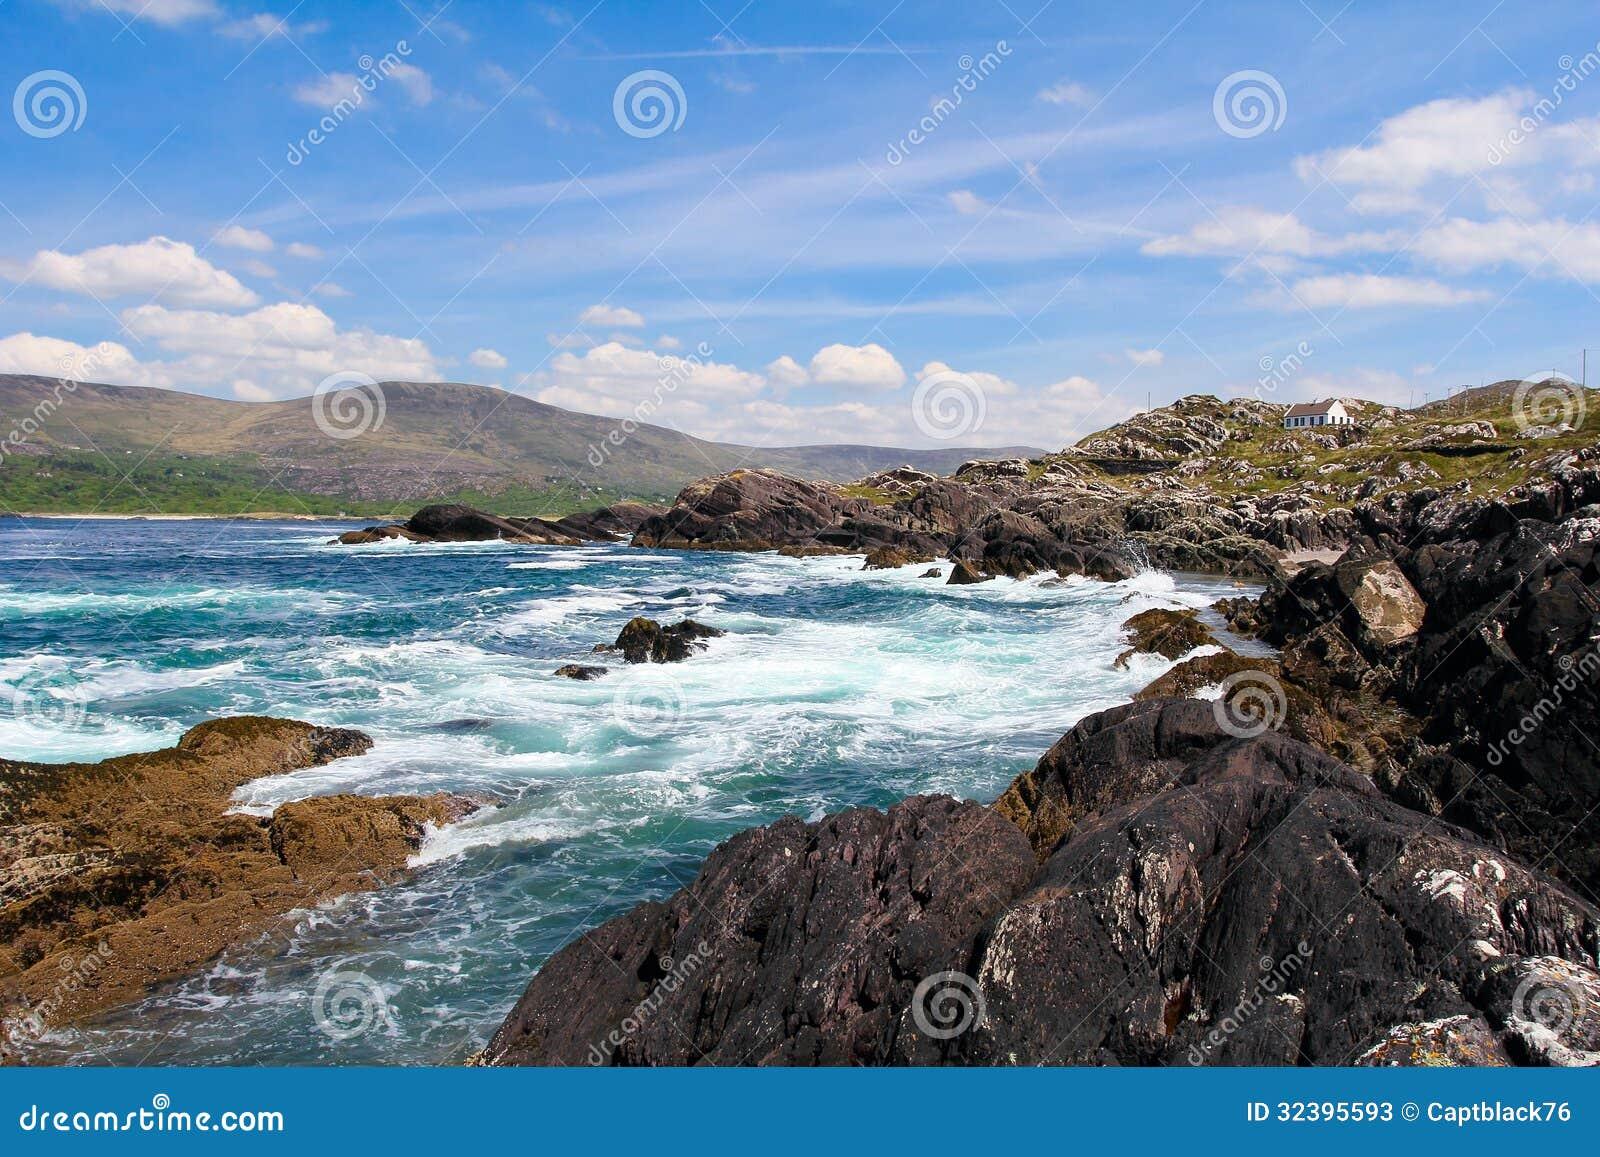 paisaje irland s en el anillo del camino costero de kerry